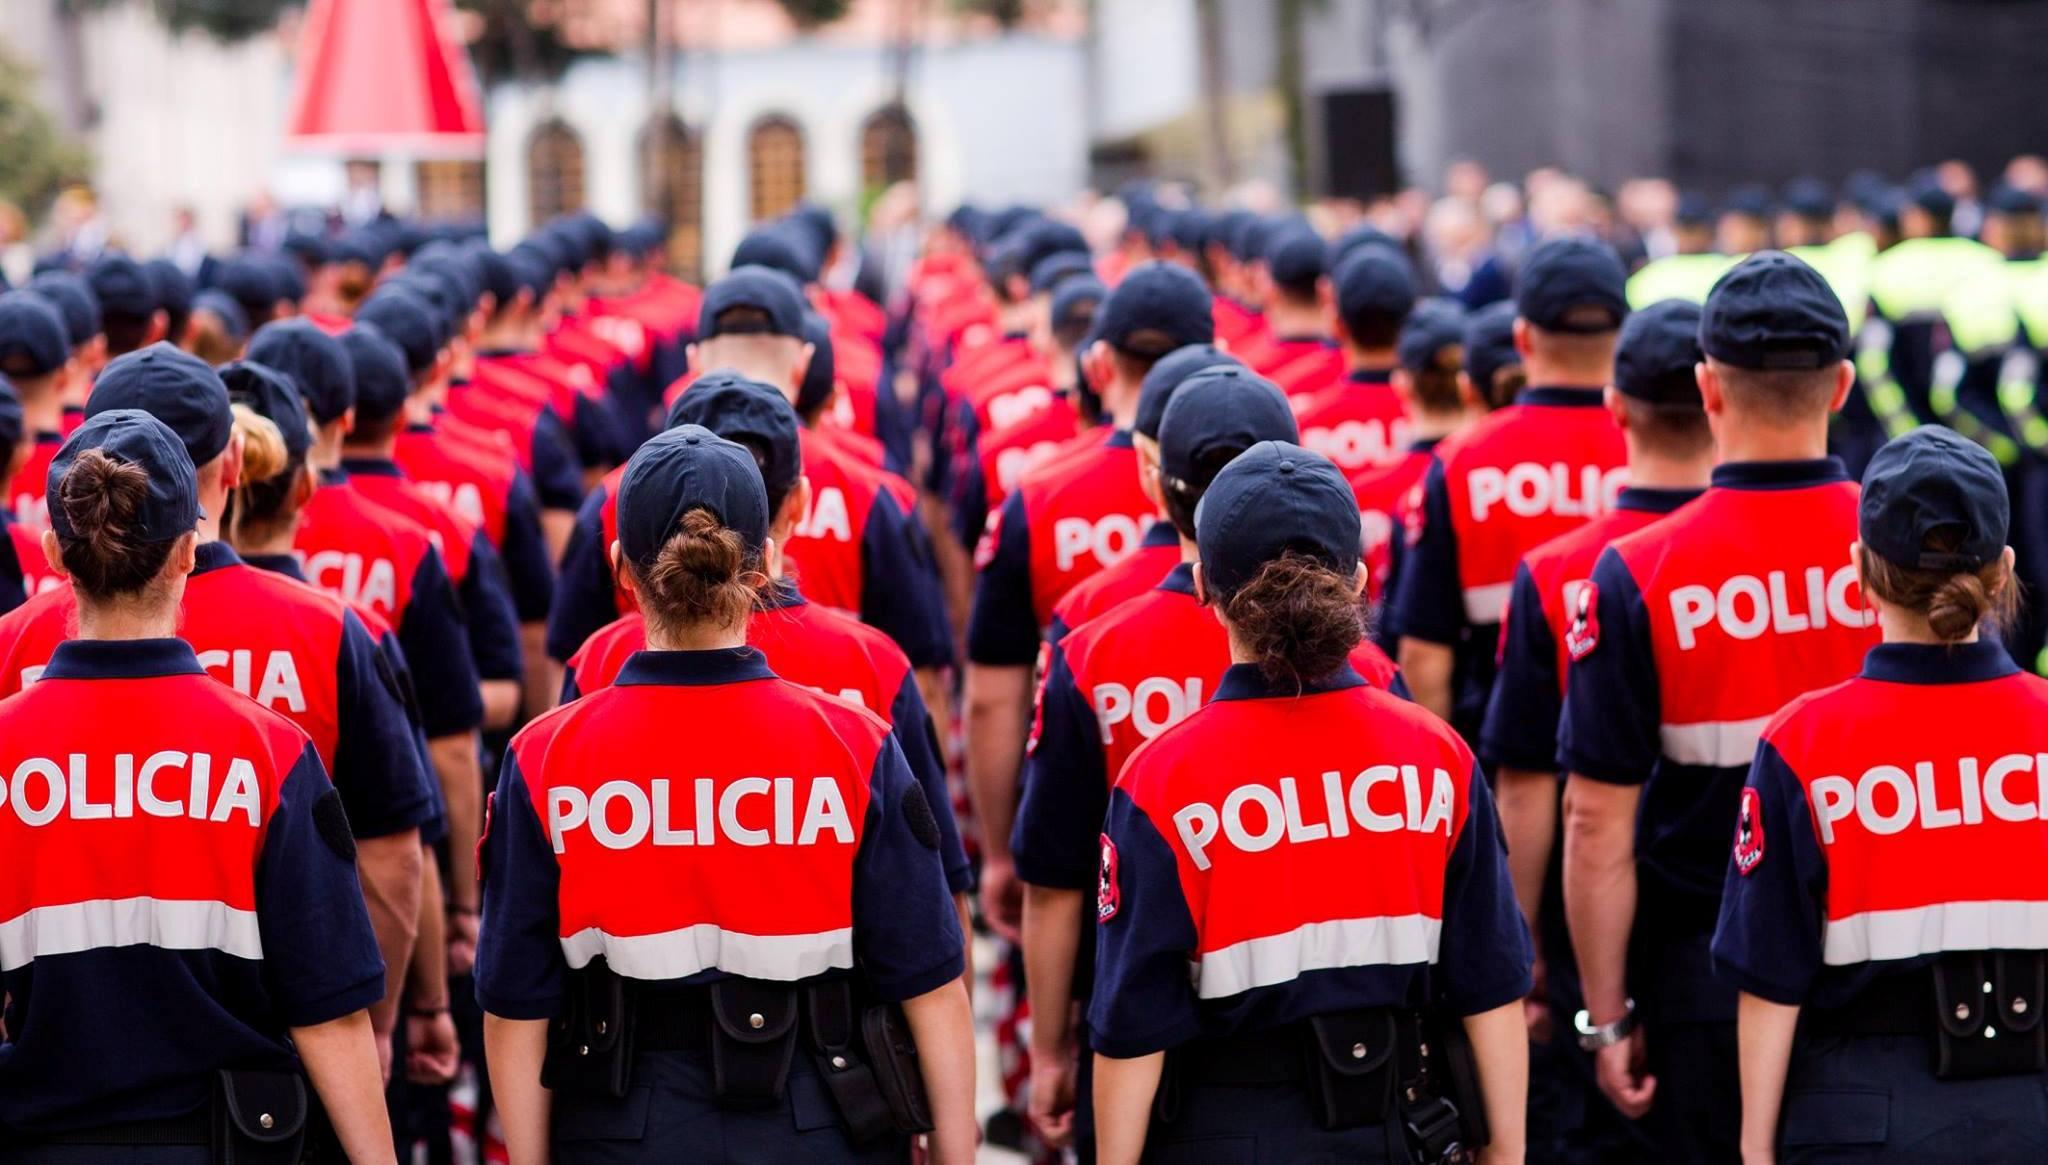 """Vettingu në polici, kush """"ngec"""", i thotë lamtumirë uniformës"""